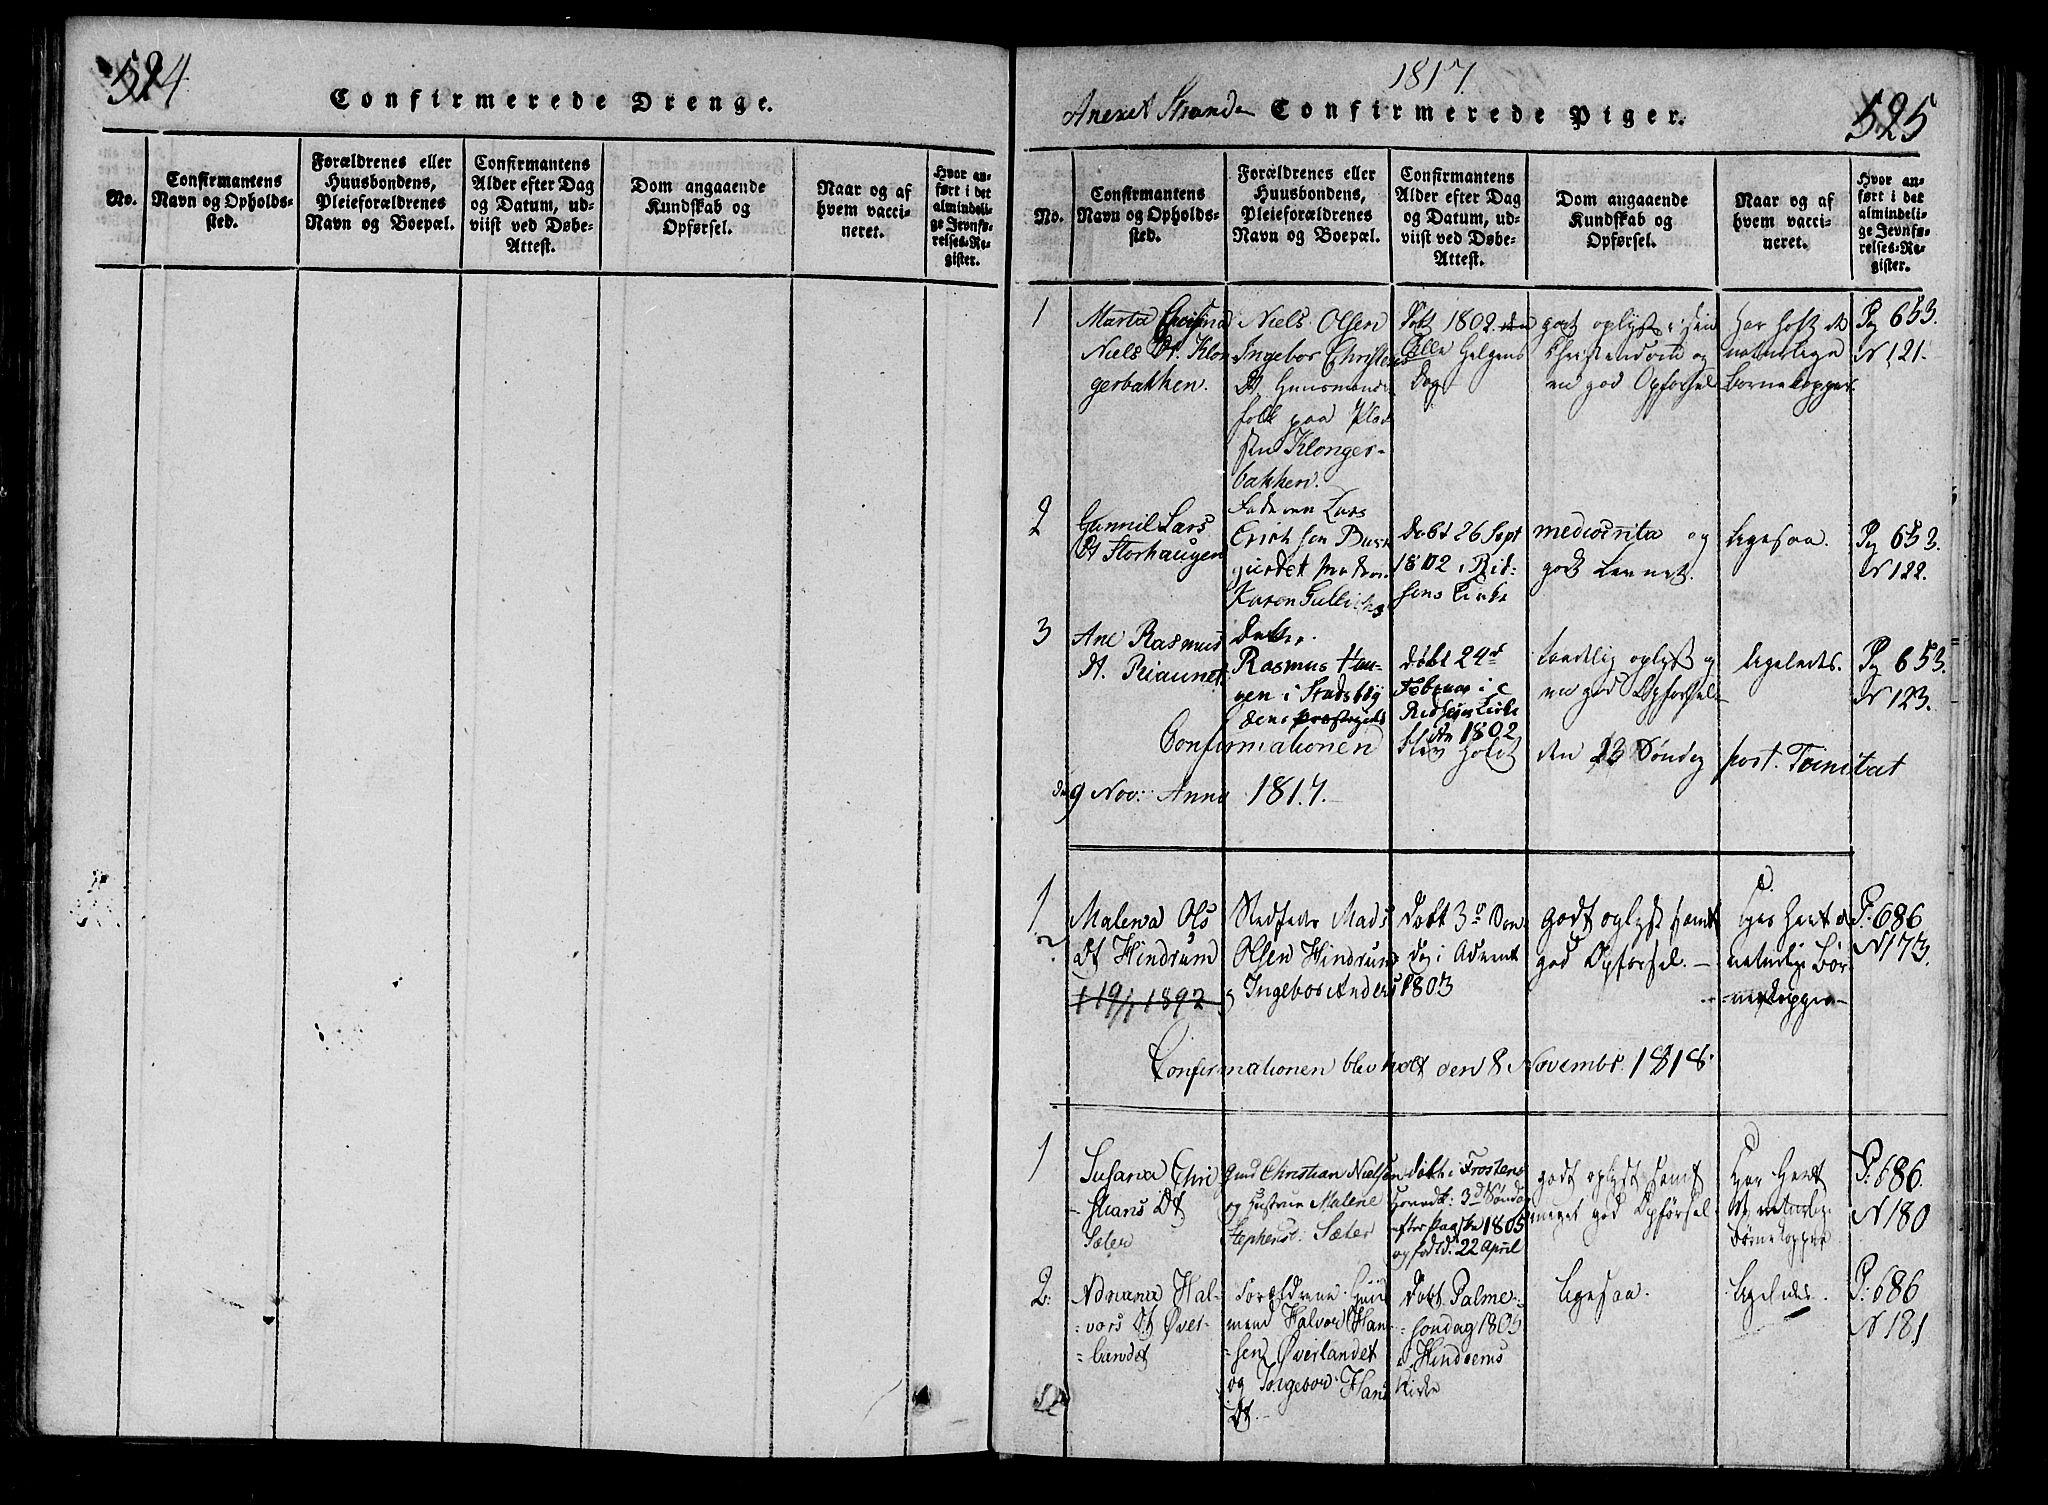 SAT, Ministerialprotokoller, klokkerbøker og fødselsregistre - Nord-Trøndelag, 701/L0005: Ministerialbok nr. 701A05 /2, 1816-1825, s. 524-525